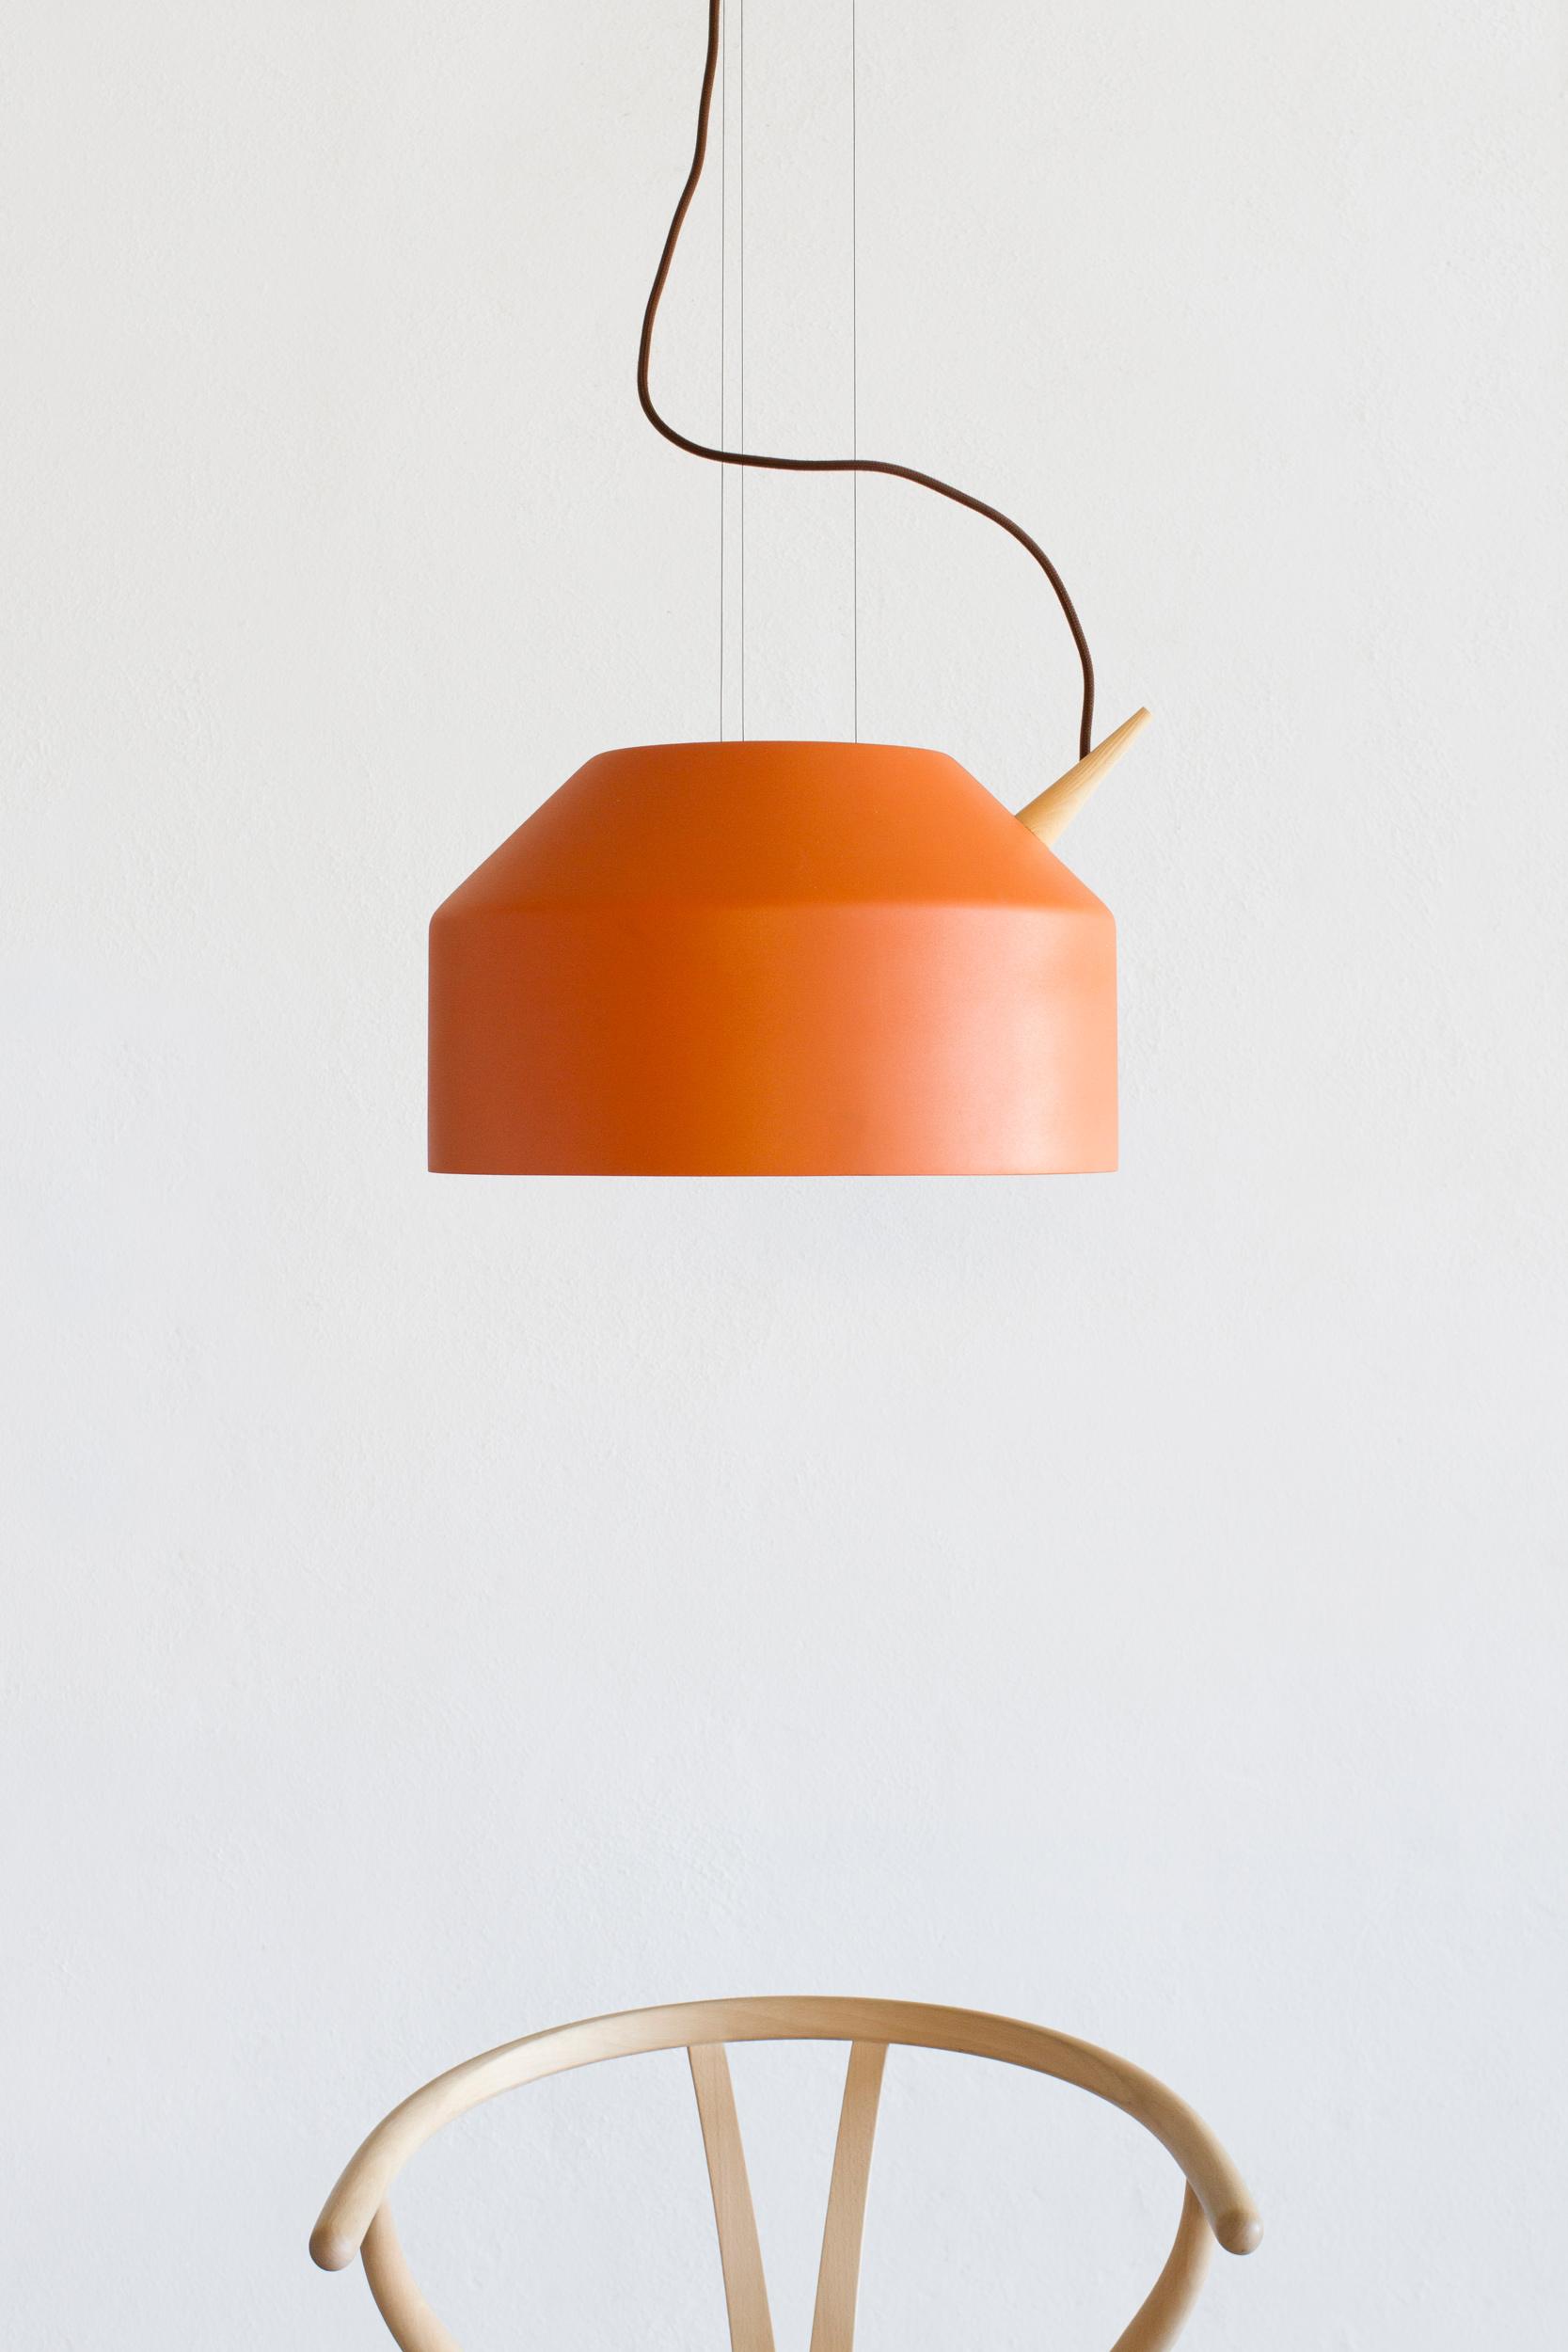 Reeno lampen kommer også i en varm rustoransje farge. Hot design to cold climates. Slike farger trenger vi!